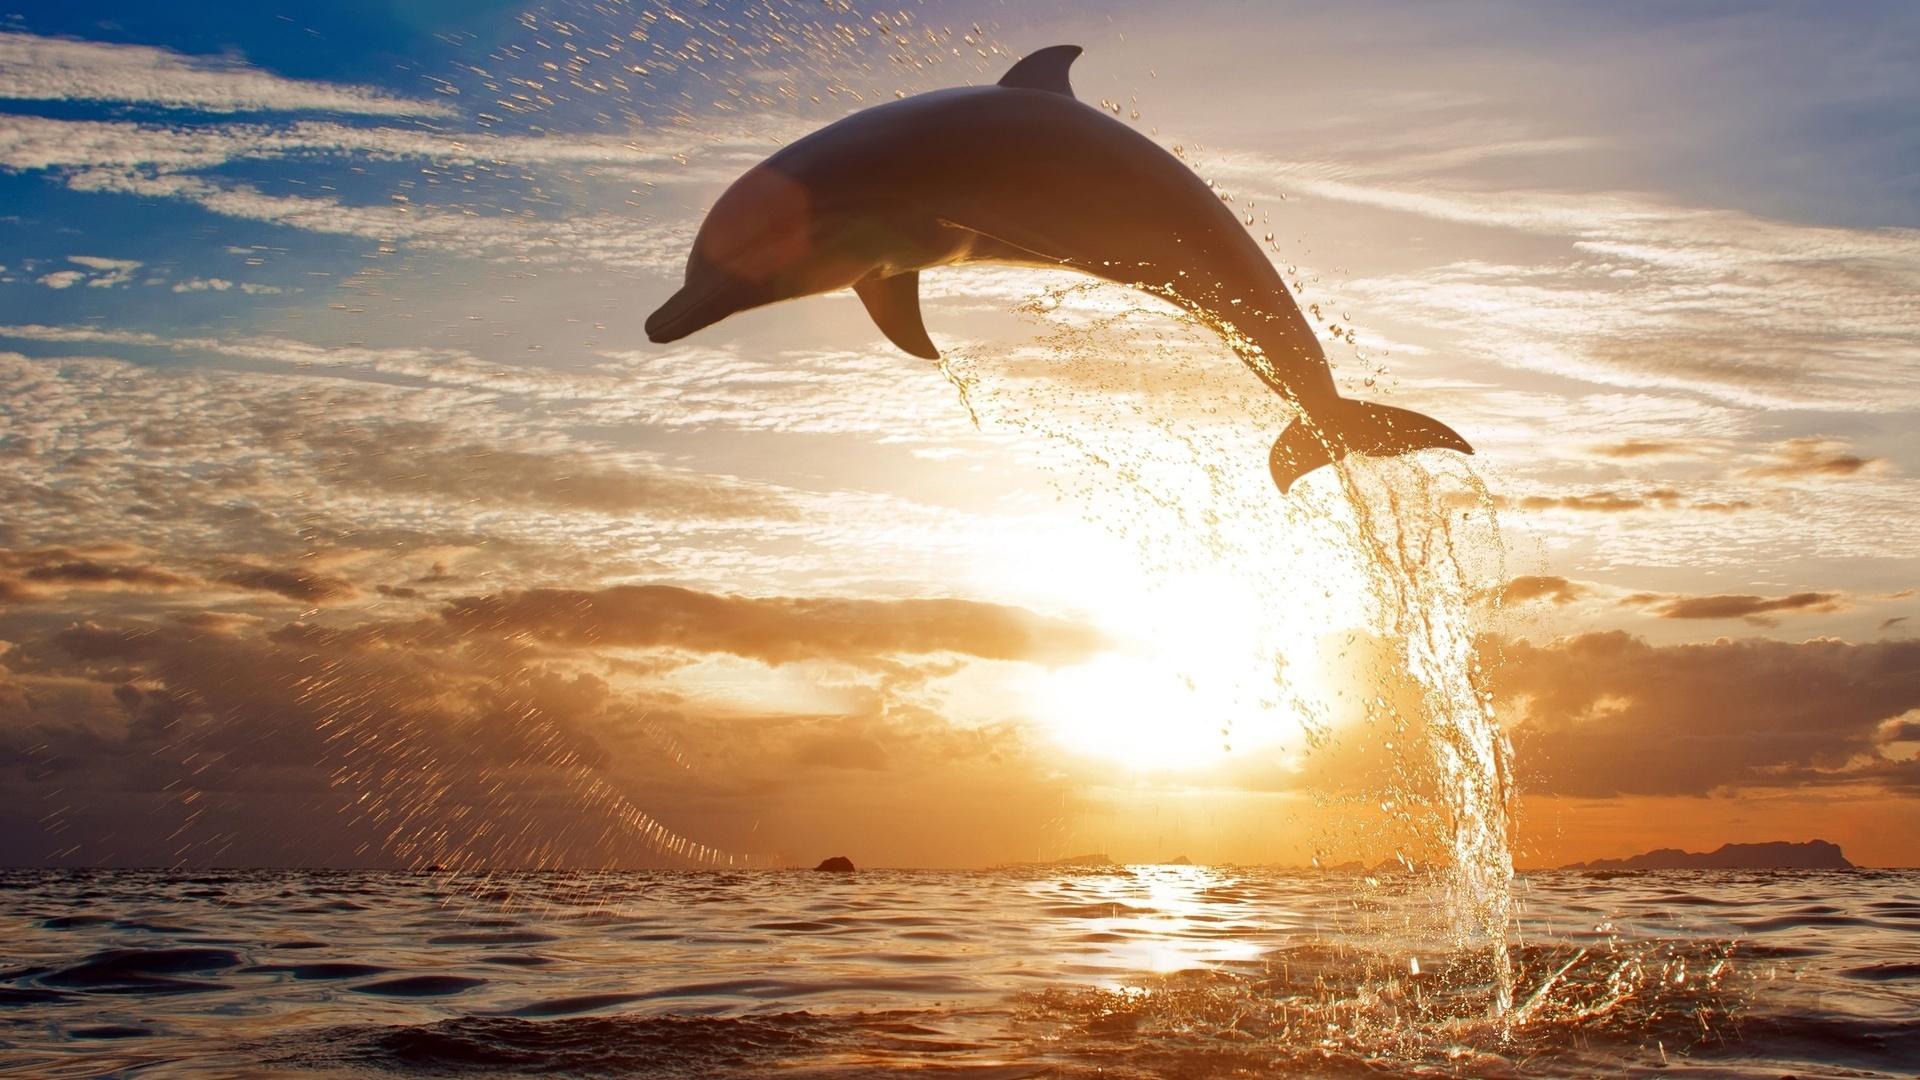 49356 Hintergrundbild herunterladen Delfine, Tiere, Landschaft, Sunset, Sea - Bildschirmschoner und Bilder kostenlos